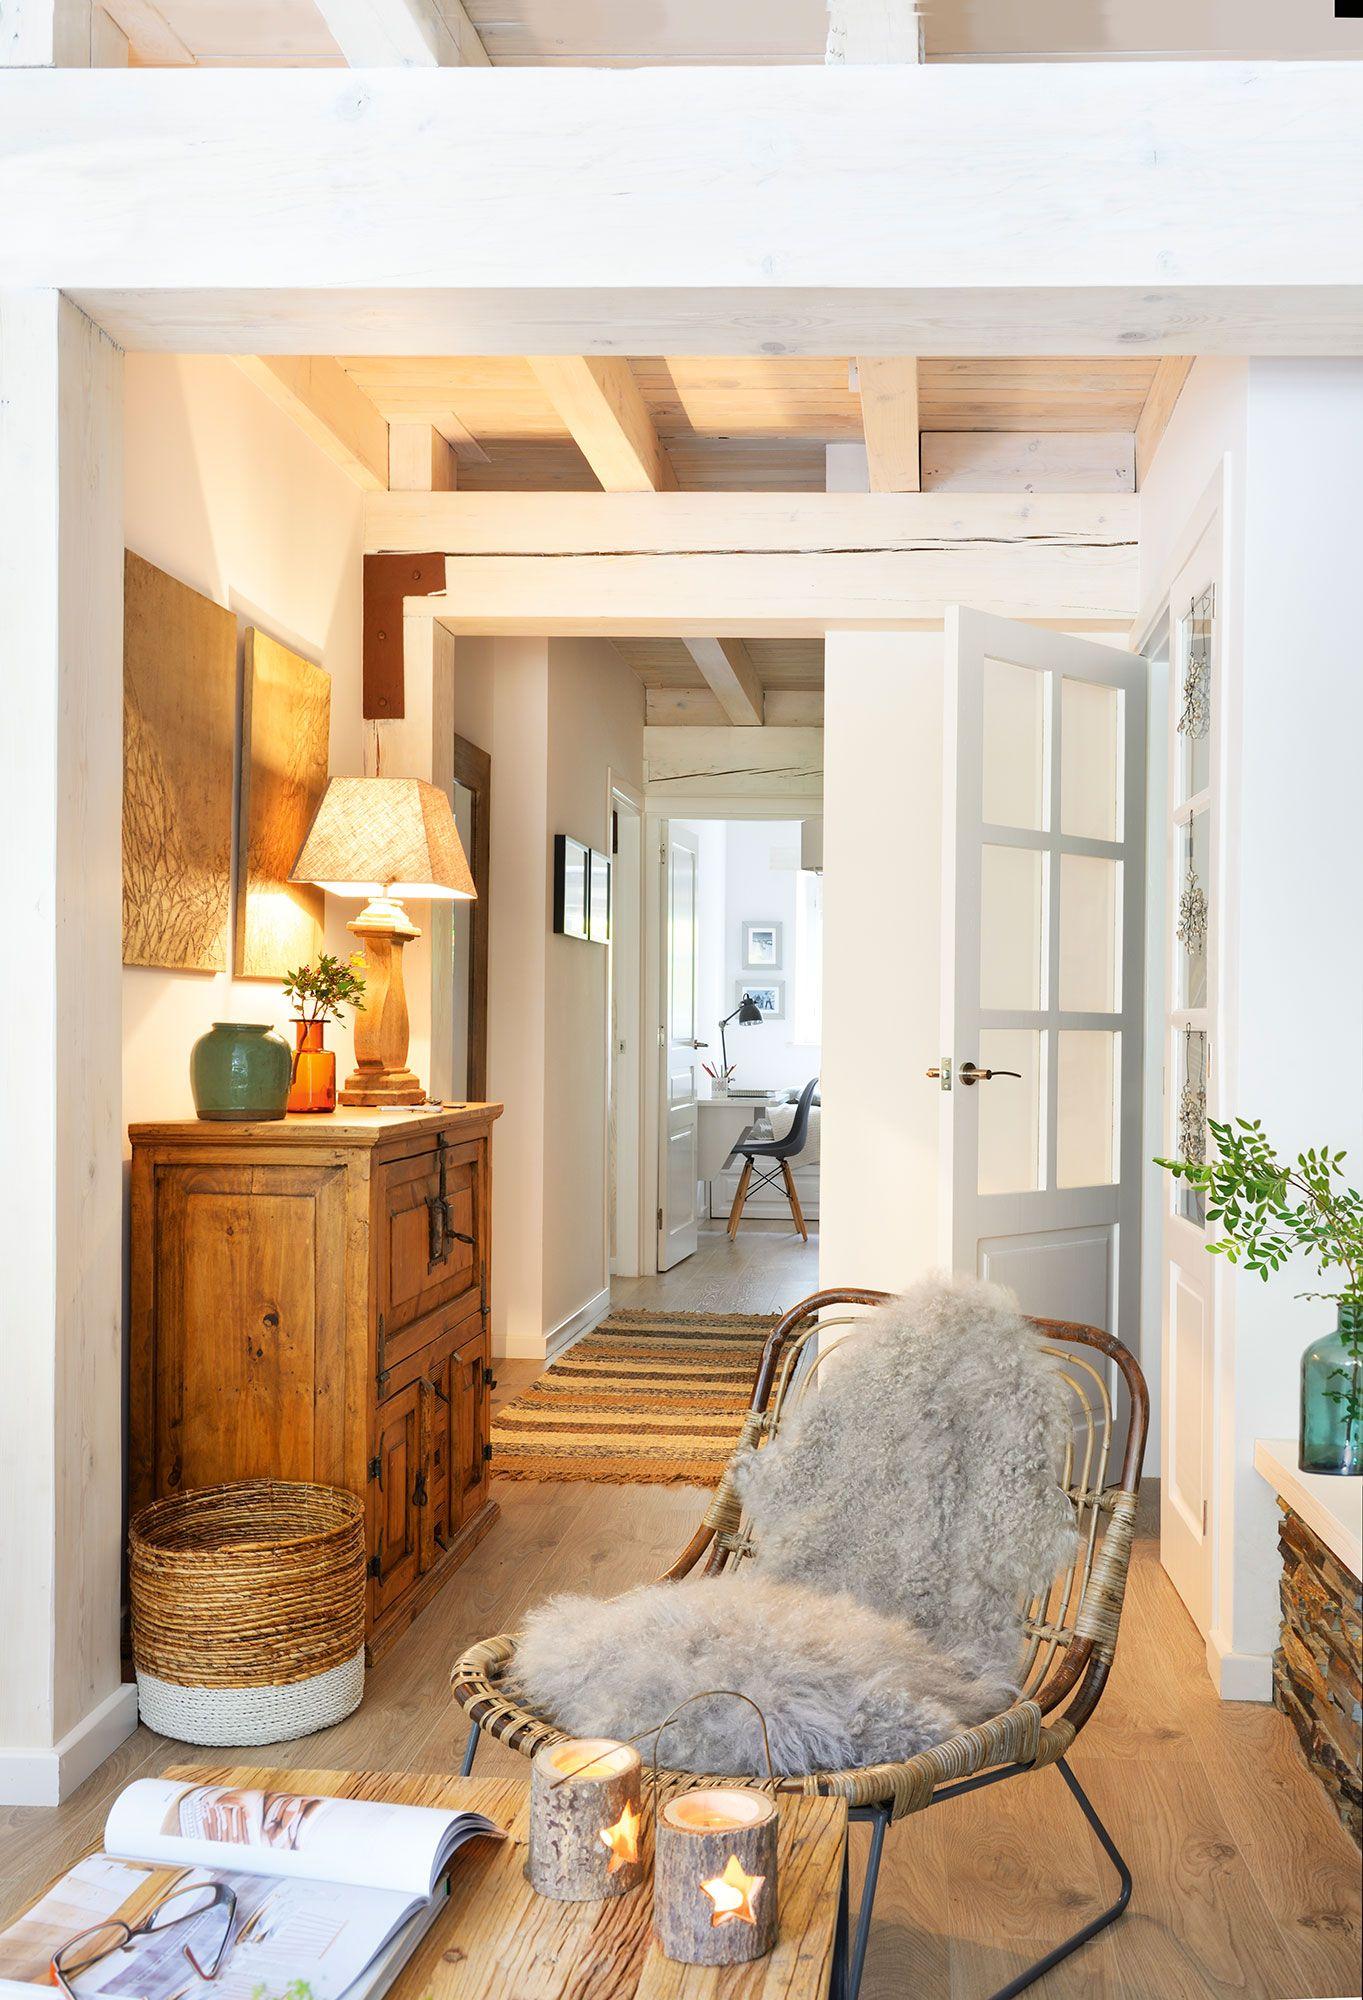 Recibidores y pasillos buenas ideas para decorarlos y - Como decorar la entrada de mi casa ...